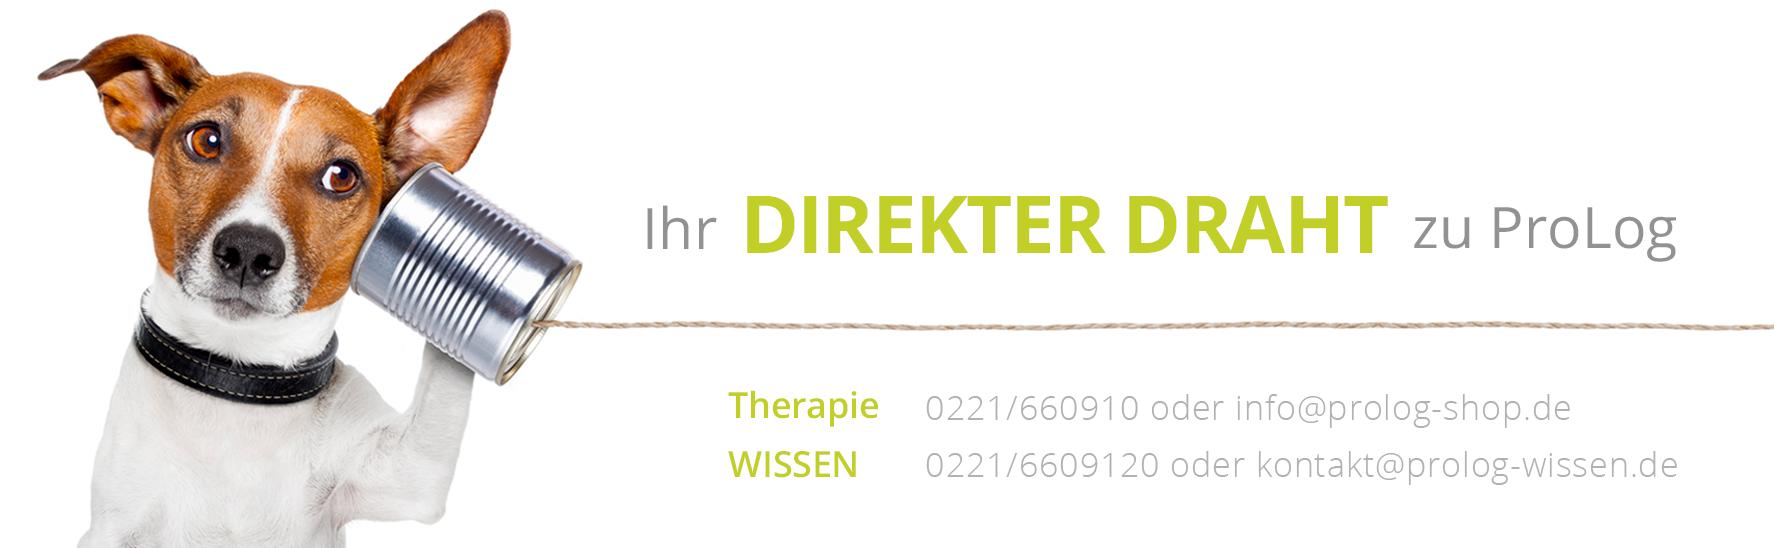 shop_banner_kontakt